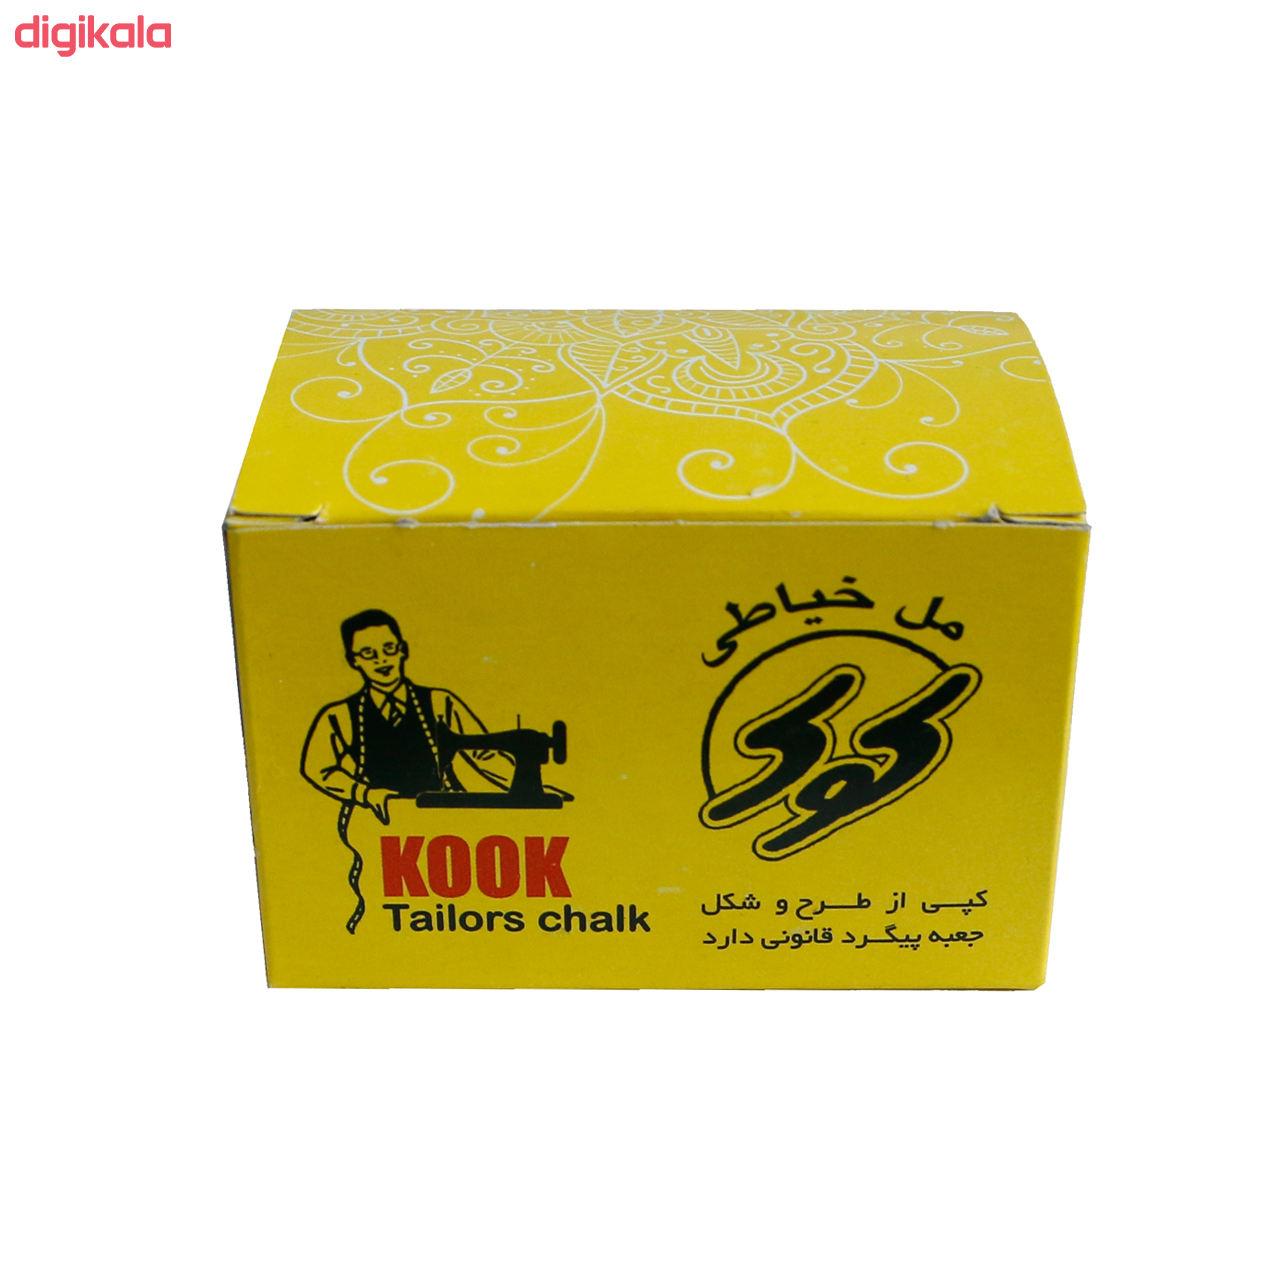 صابون خیاطی کوک مدل SK12 مجموعه 12 عددی main 1 1